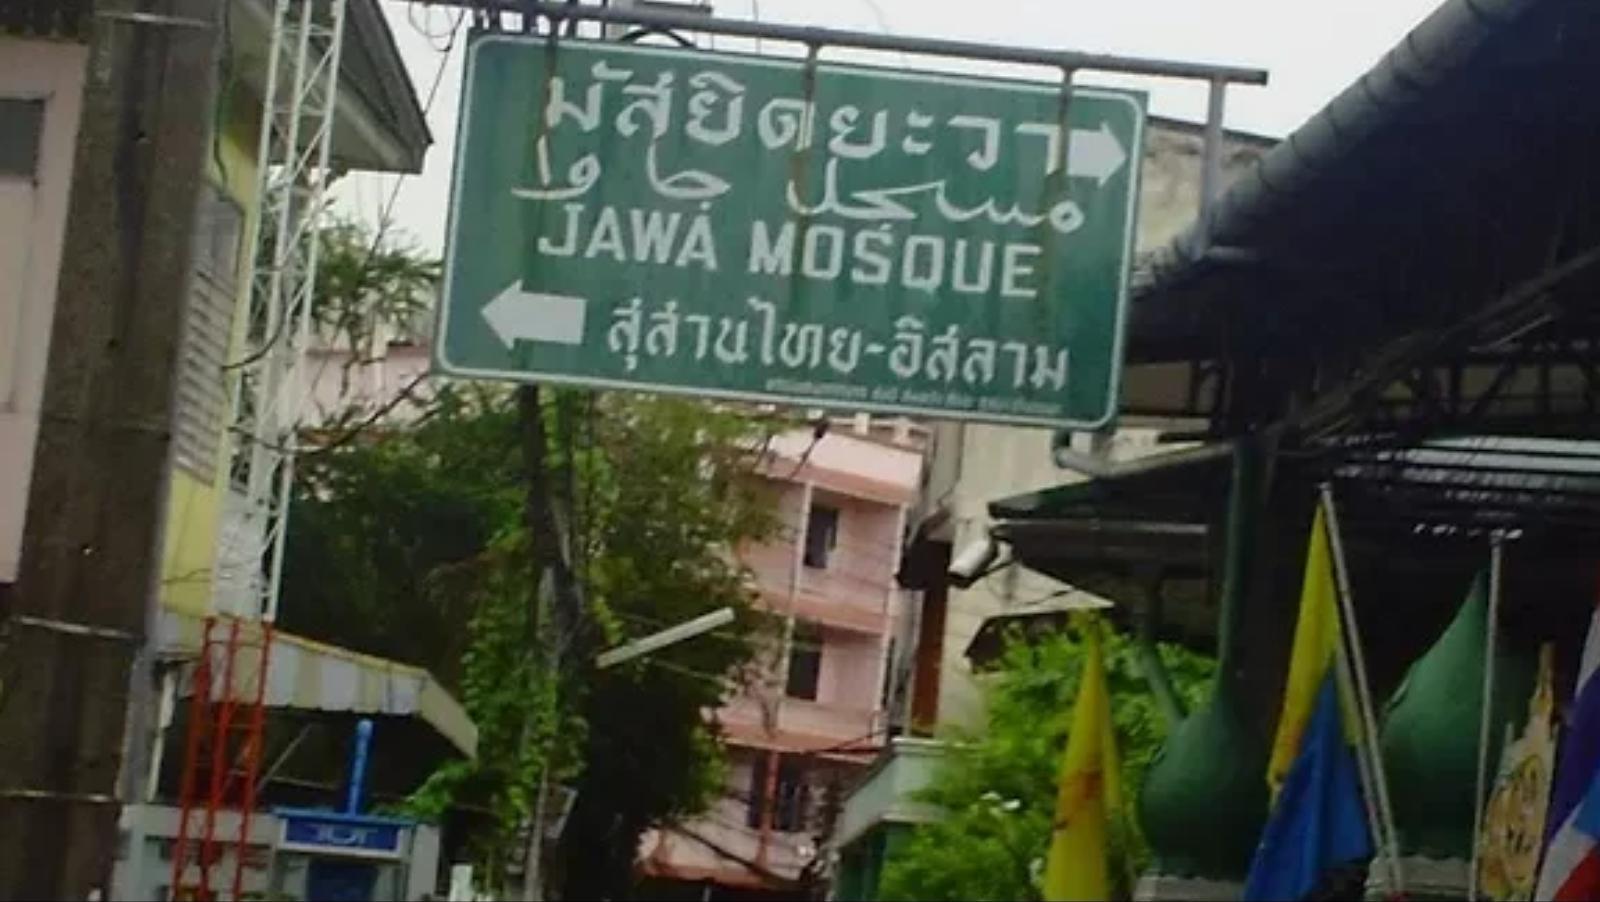 Kisah di Balik Adanya Masjid Jawa di Thailand dan Cucu KH Ahmad Dahlan